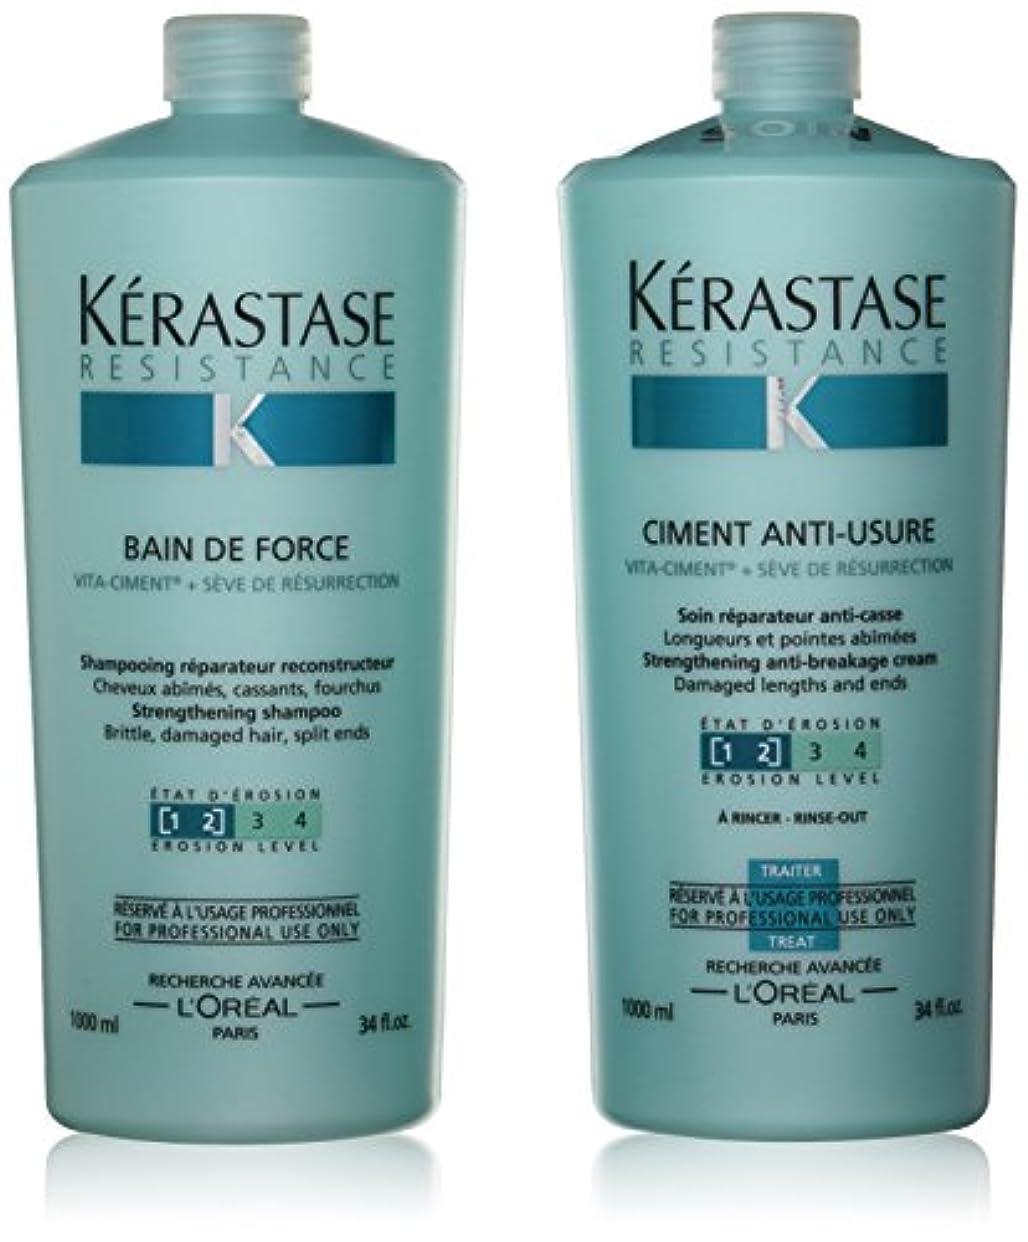 やりがいのある規模便宜ケラスターゼ(KERASTASE) RE(レジスタンス)業務用セット(バンドフォルス、ソワンドフォルス)[並行輸入品]